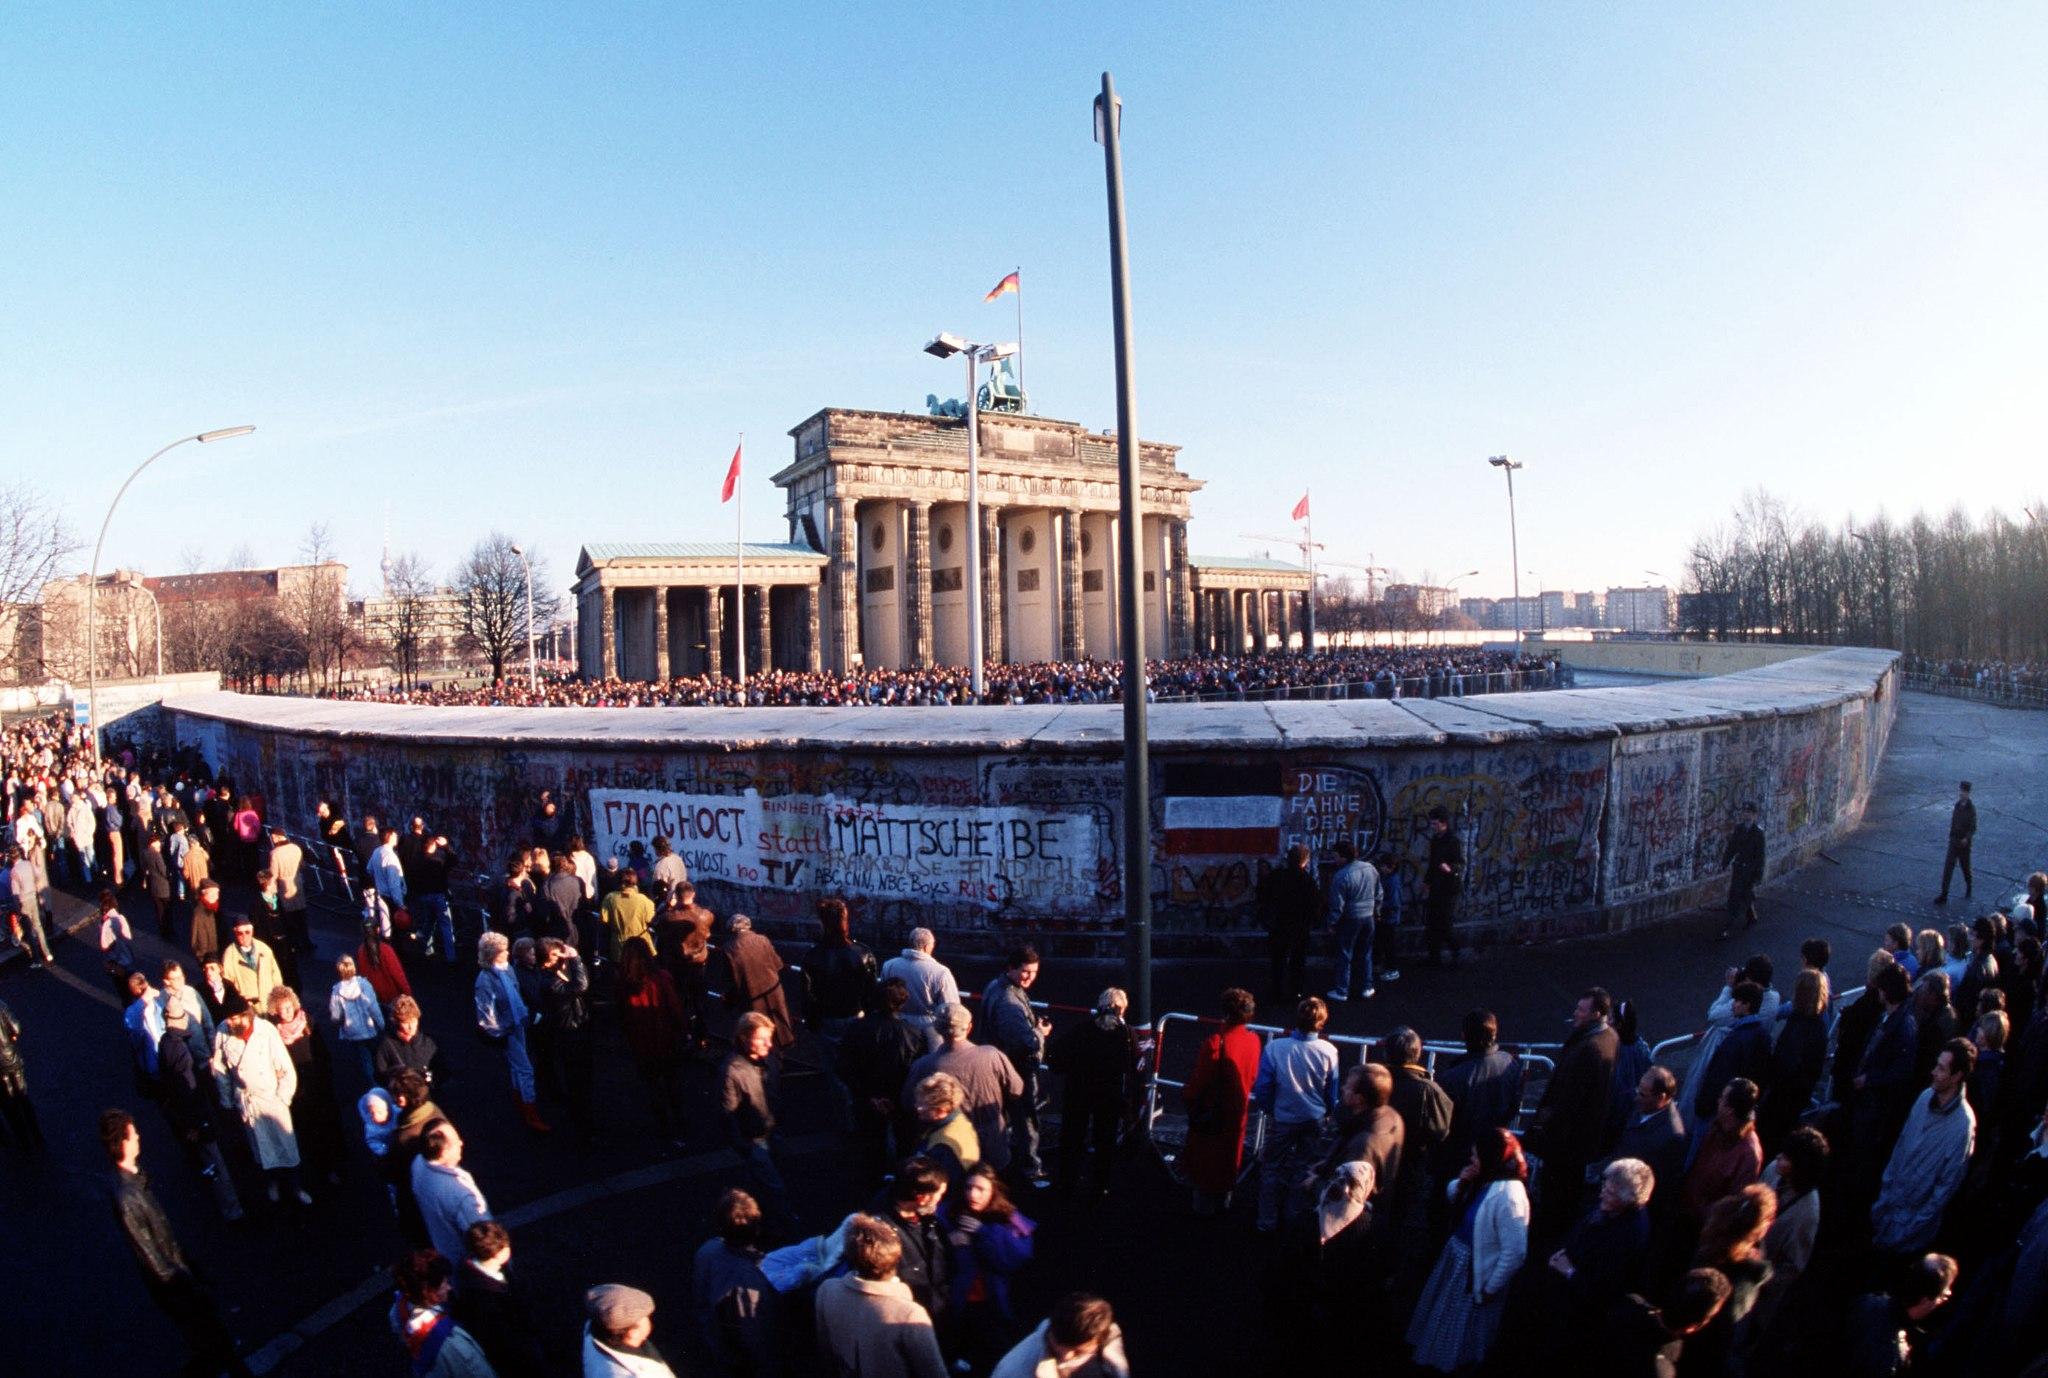 Muro de Berlín, 9 de noviembre de 1989 | Foto: SSGT F. Lee Corkran, vía WikiCommons